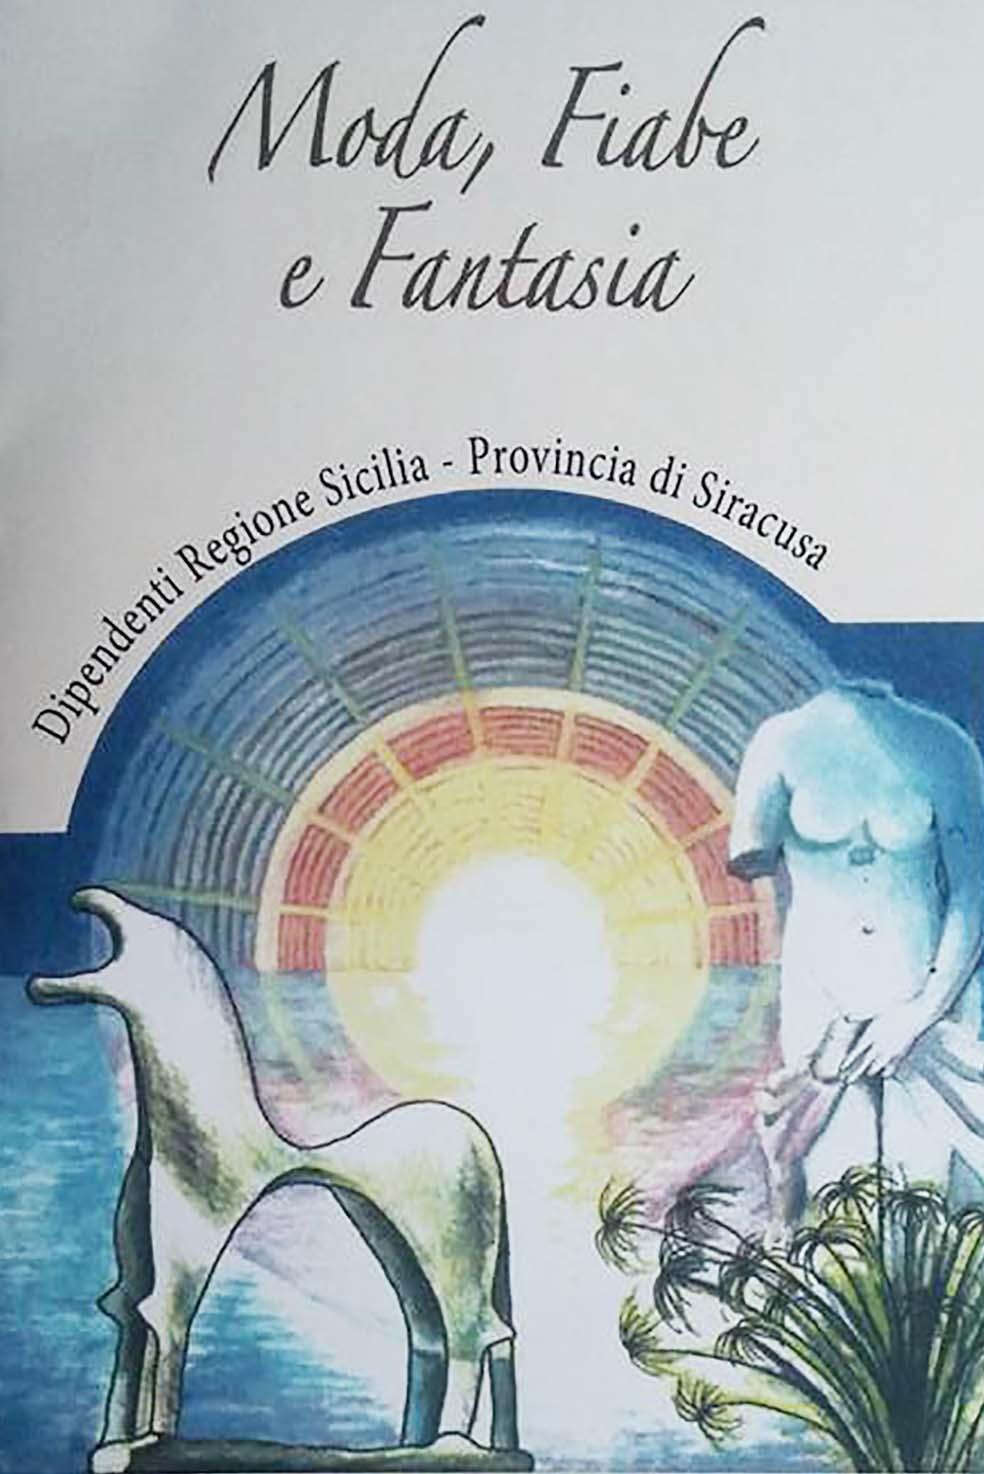 sfilata-cral-di-siracusa-siracusa-times